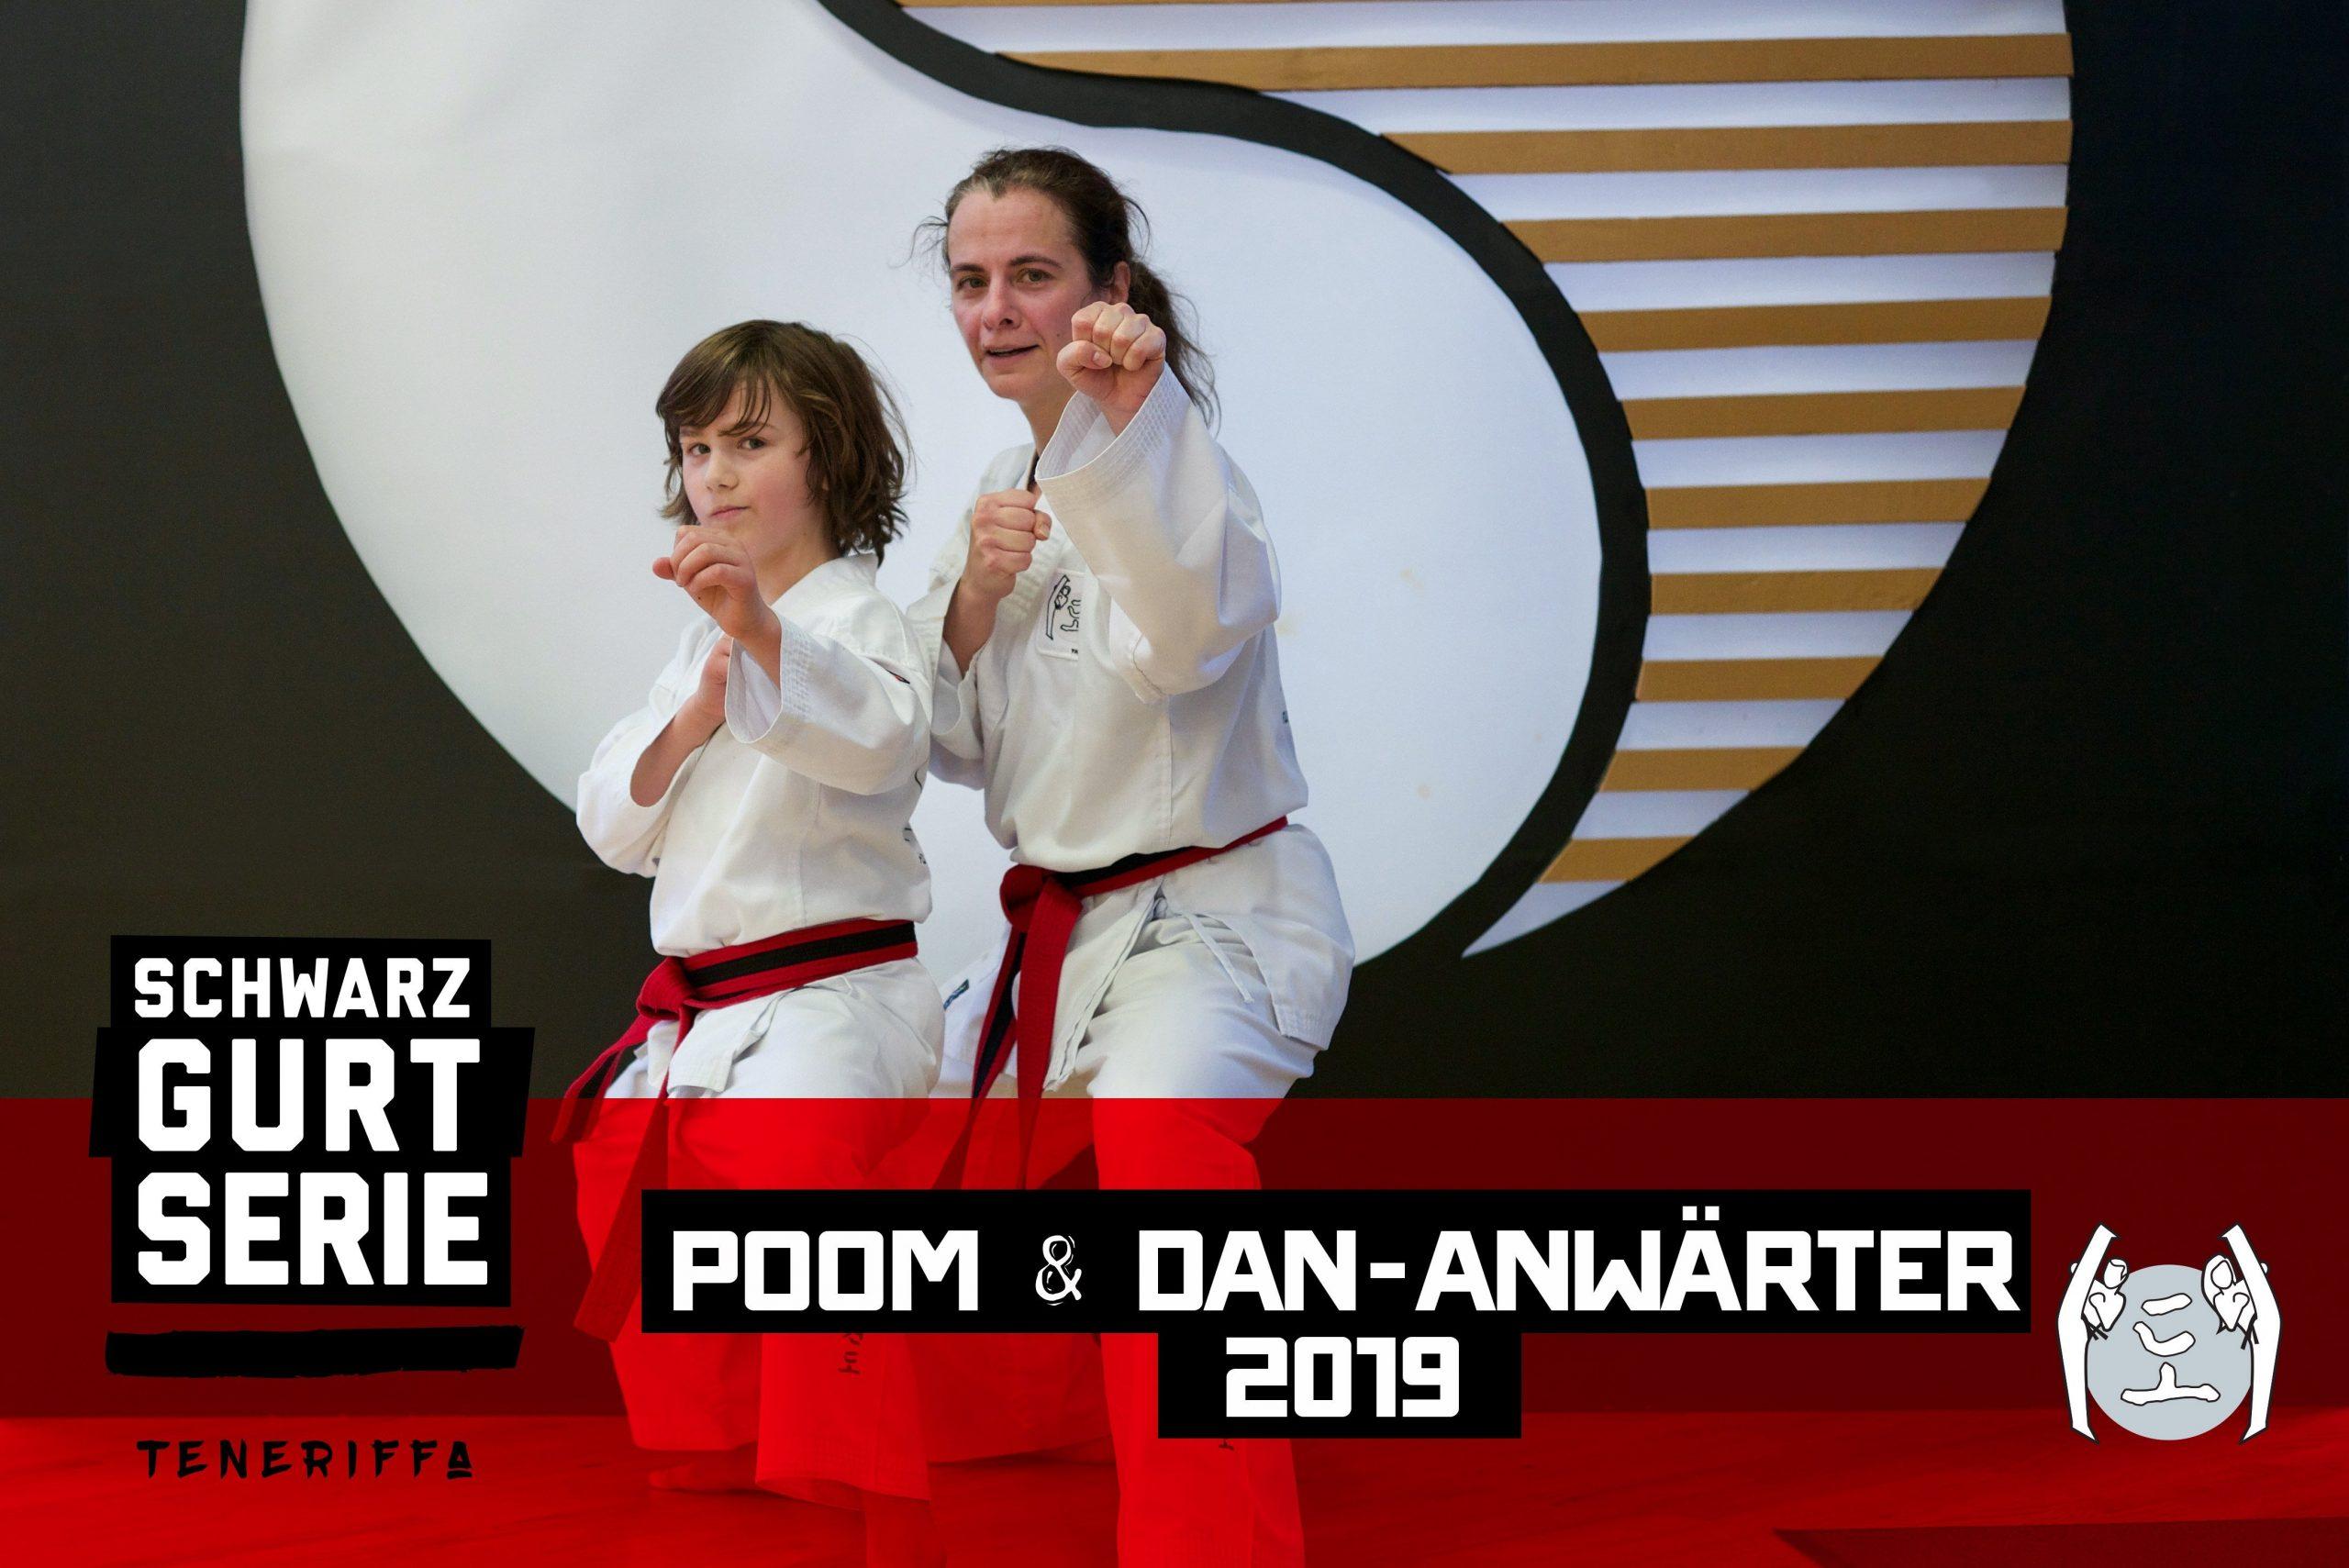 YOUNG-UNG Taekwondo Schwarzgurt-Serie Teneriffa Lara Lammer